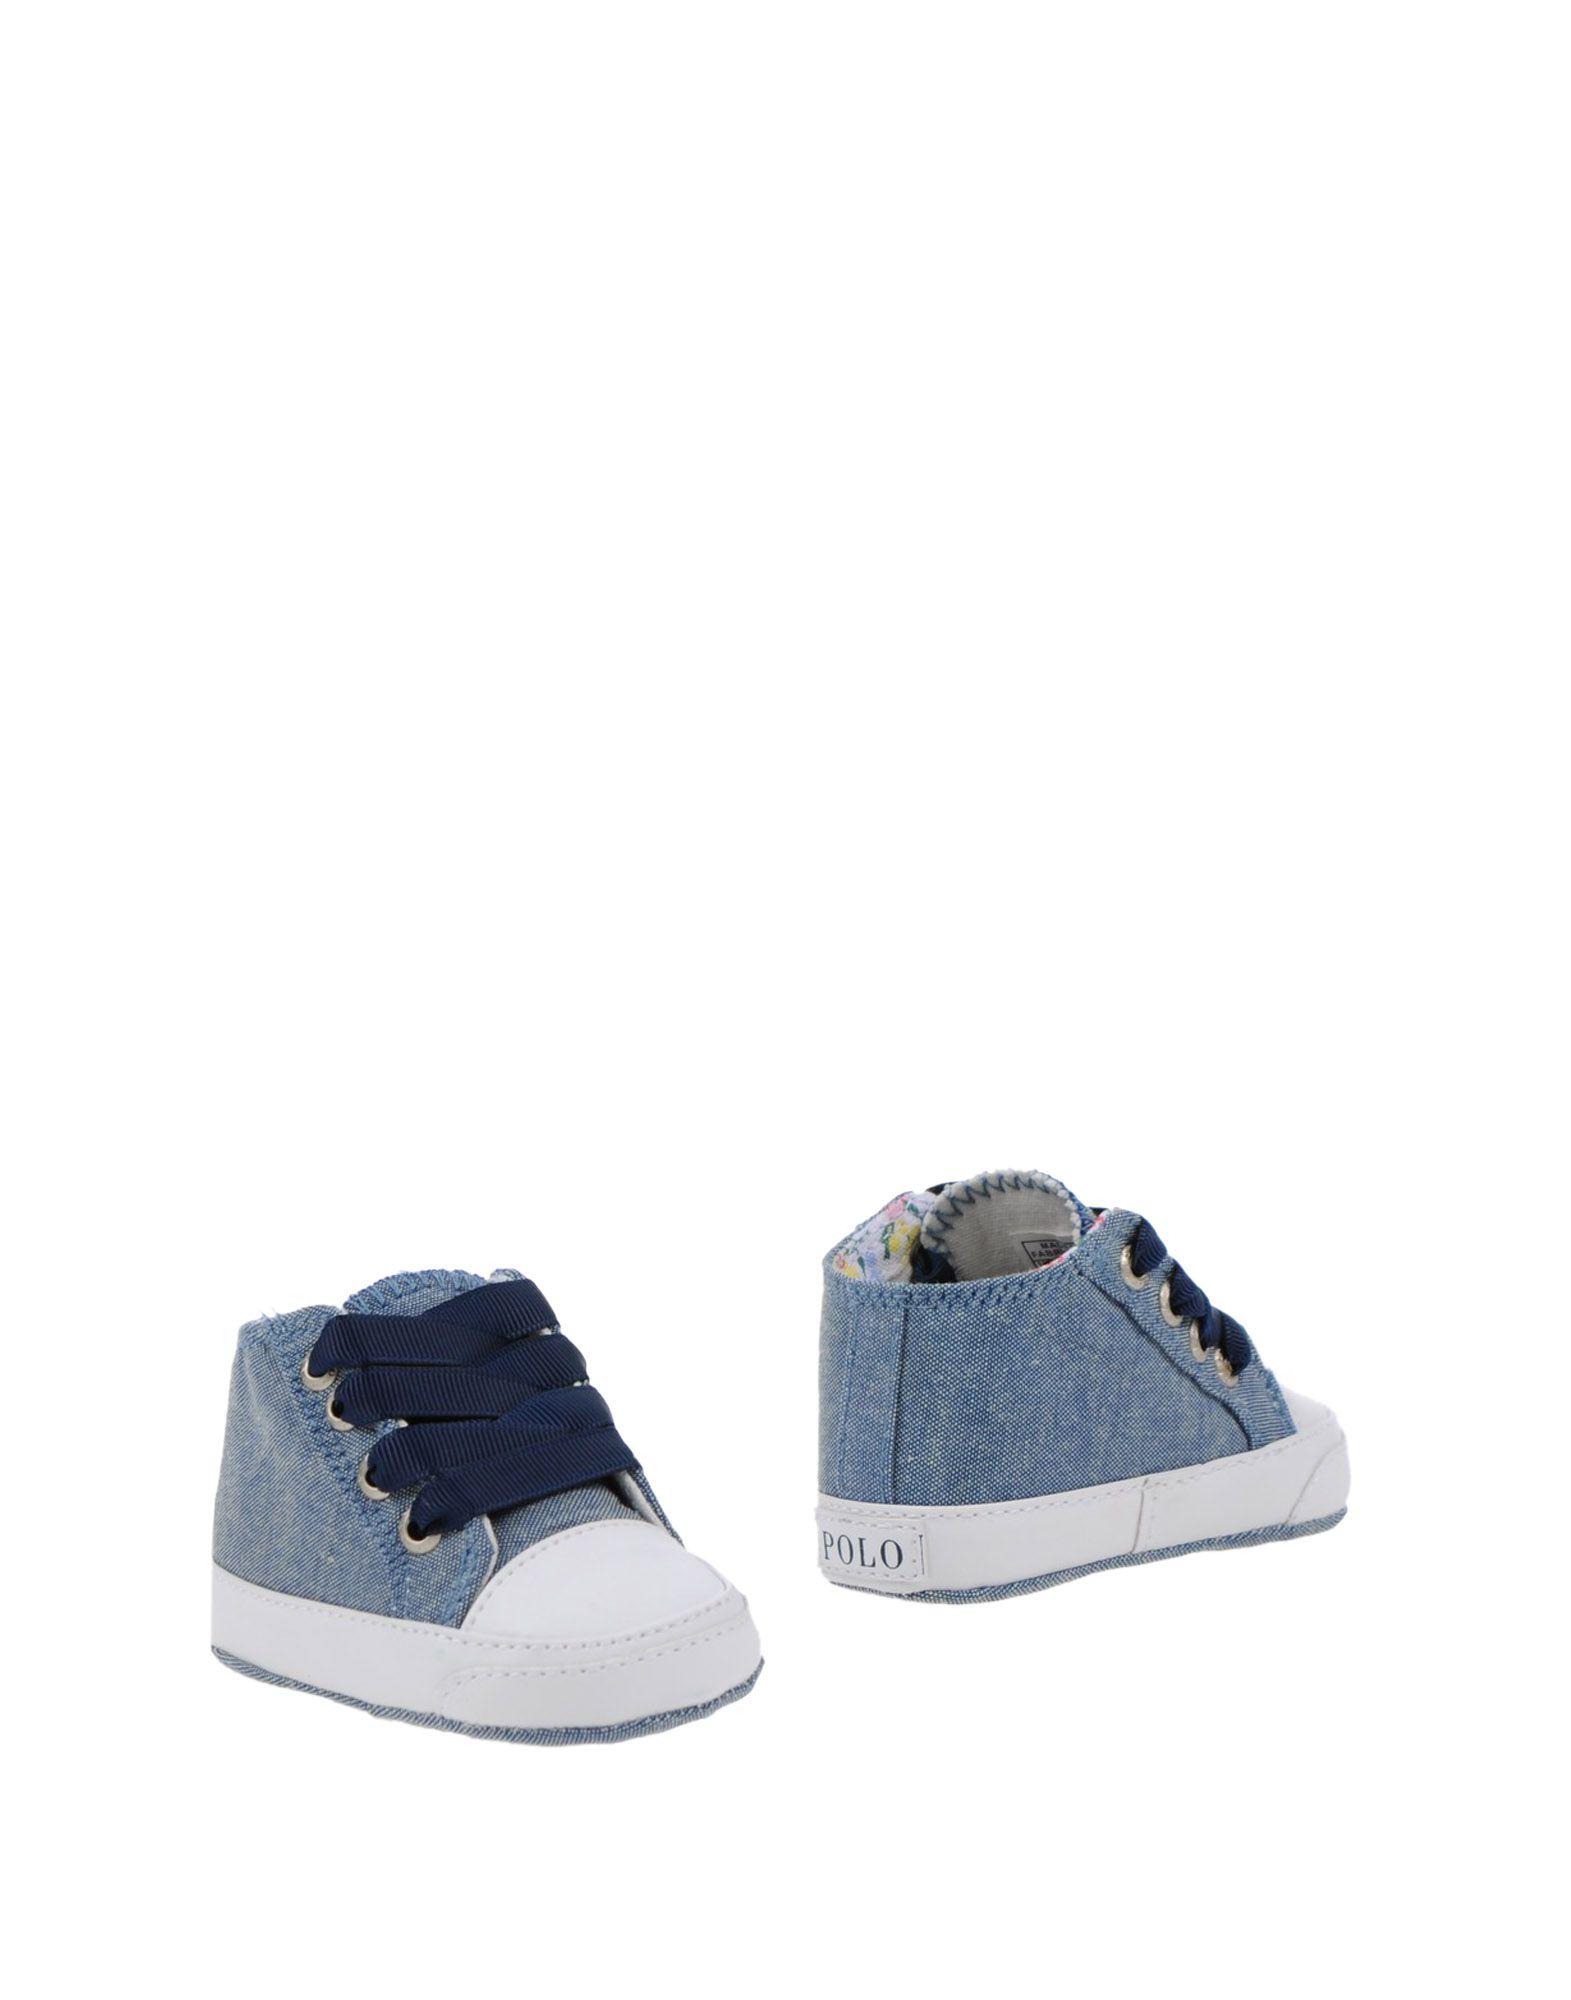 73d0363df Ralph Lauren Newborn Shoes Boy 0-24 months online on YOOX Lithuania